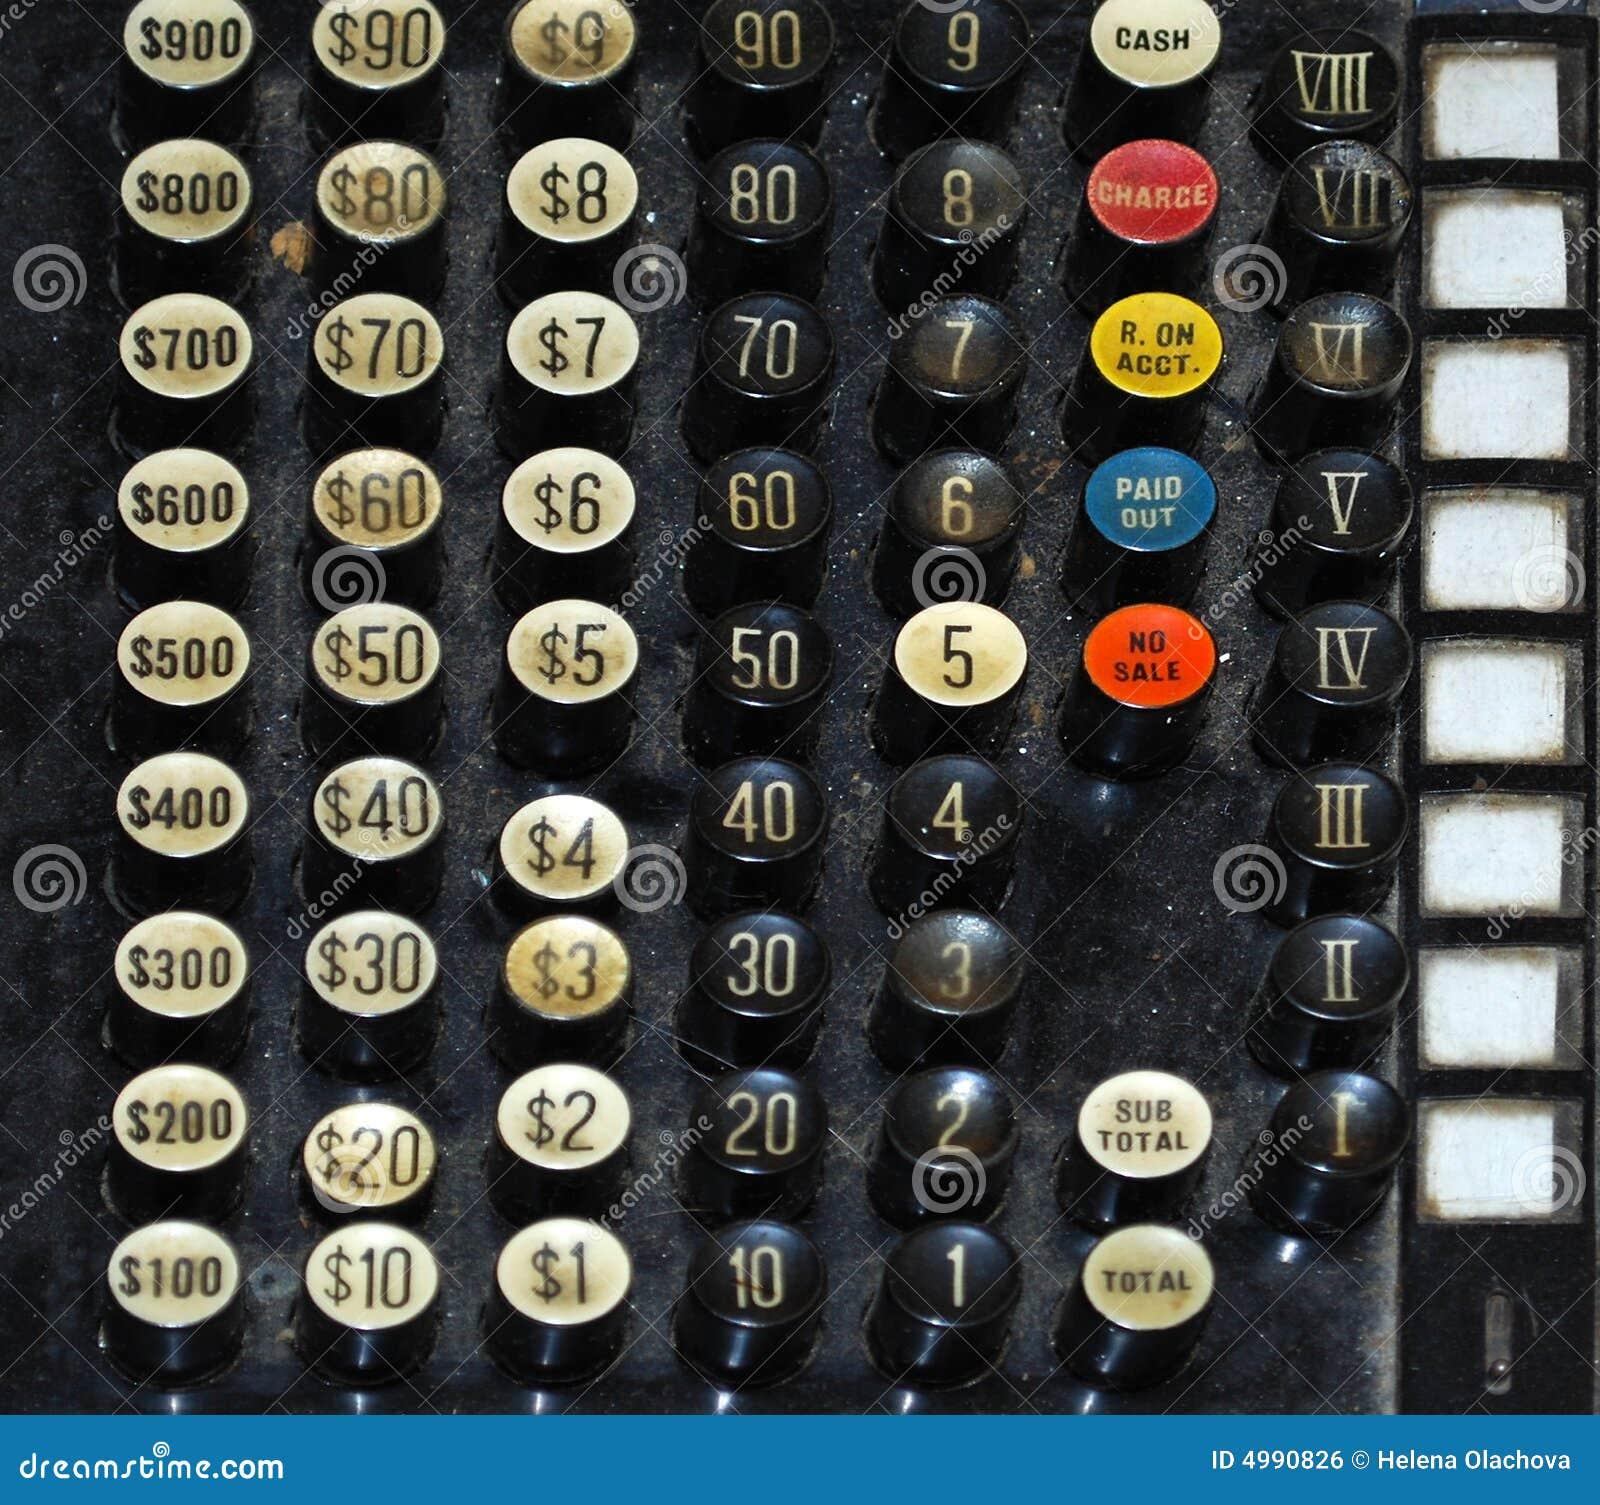 Black Old Vintage Dollar Cash Register Key